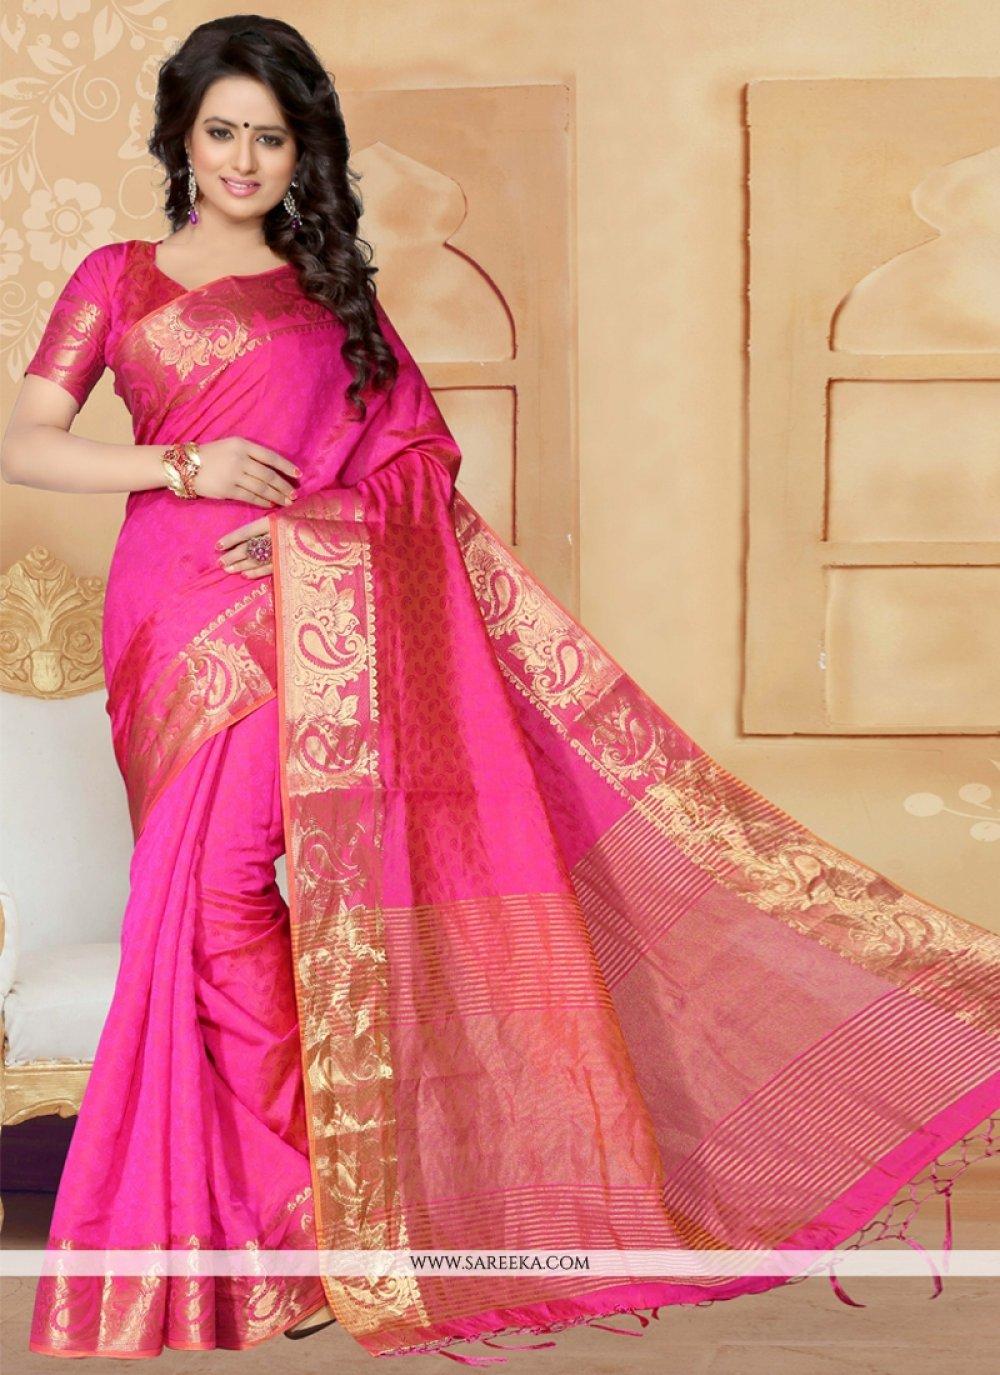 Bewitching Banarasi Silk Hot Pink Designer Saree